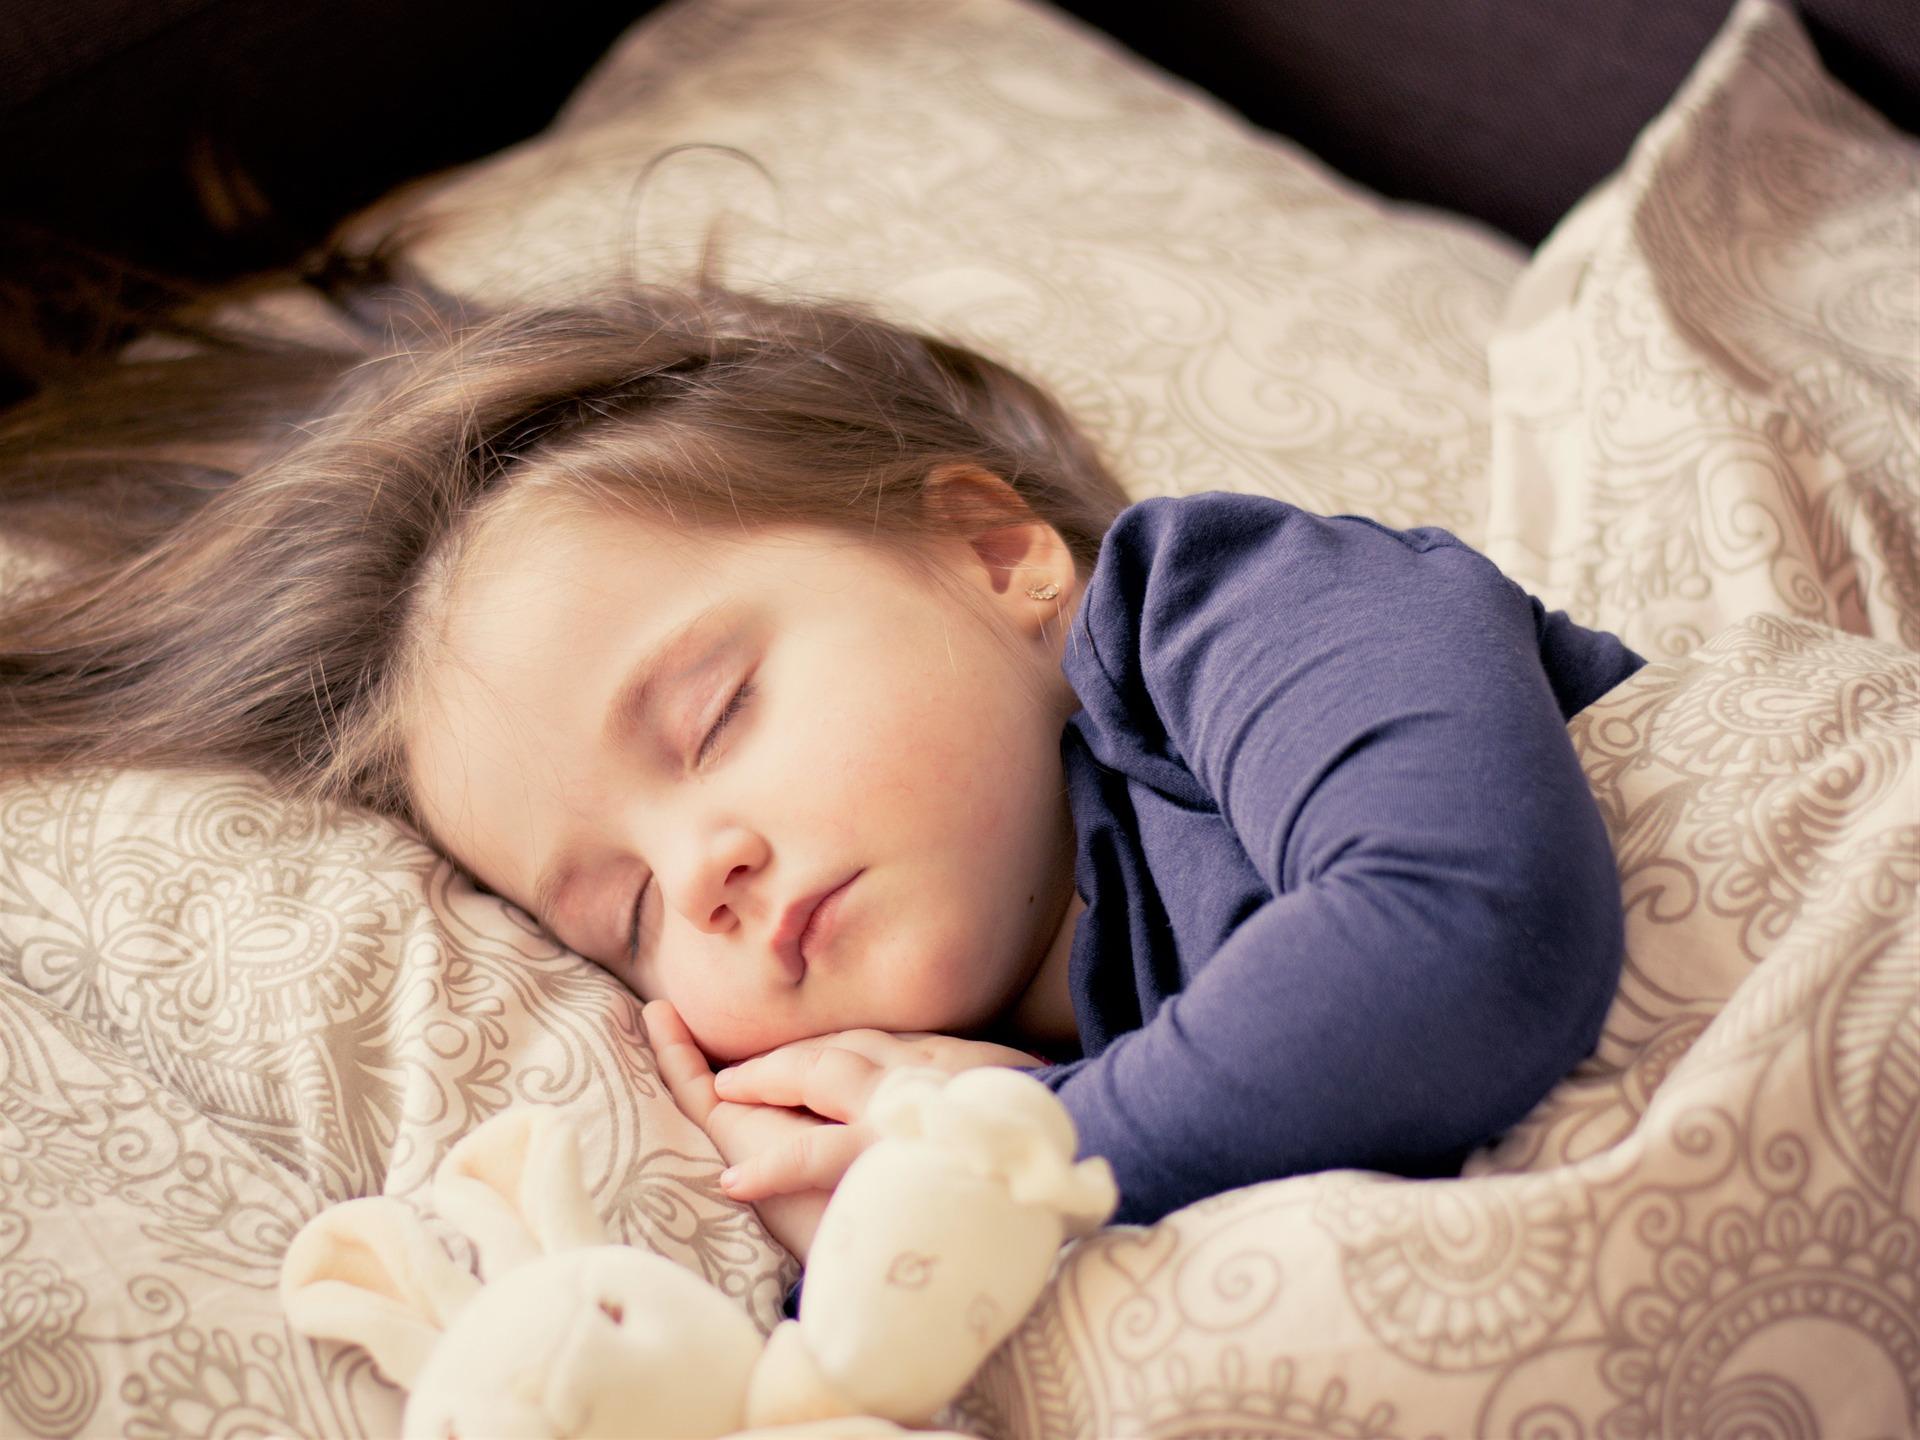 症状・疾患別受診すべき医療機関-⑤こどもの症状・疾患(小児科)